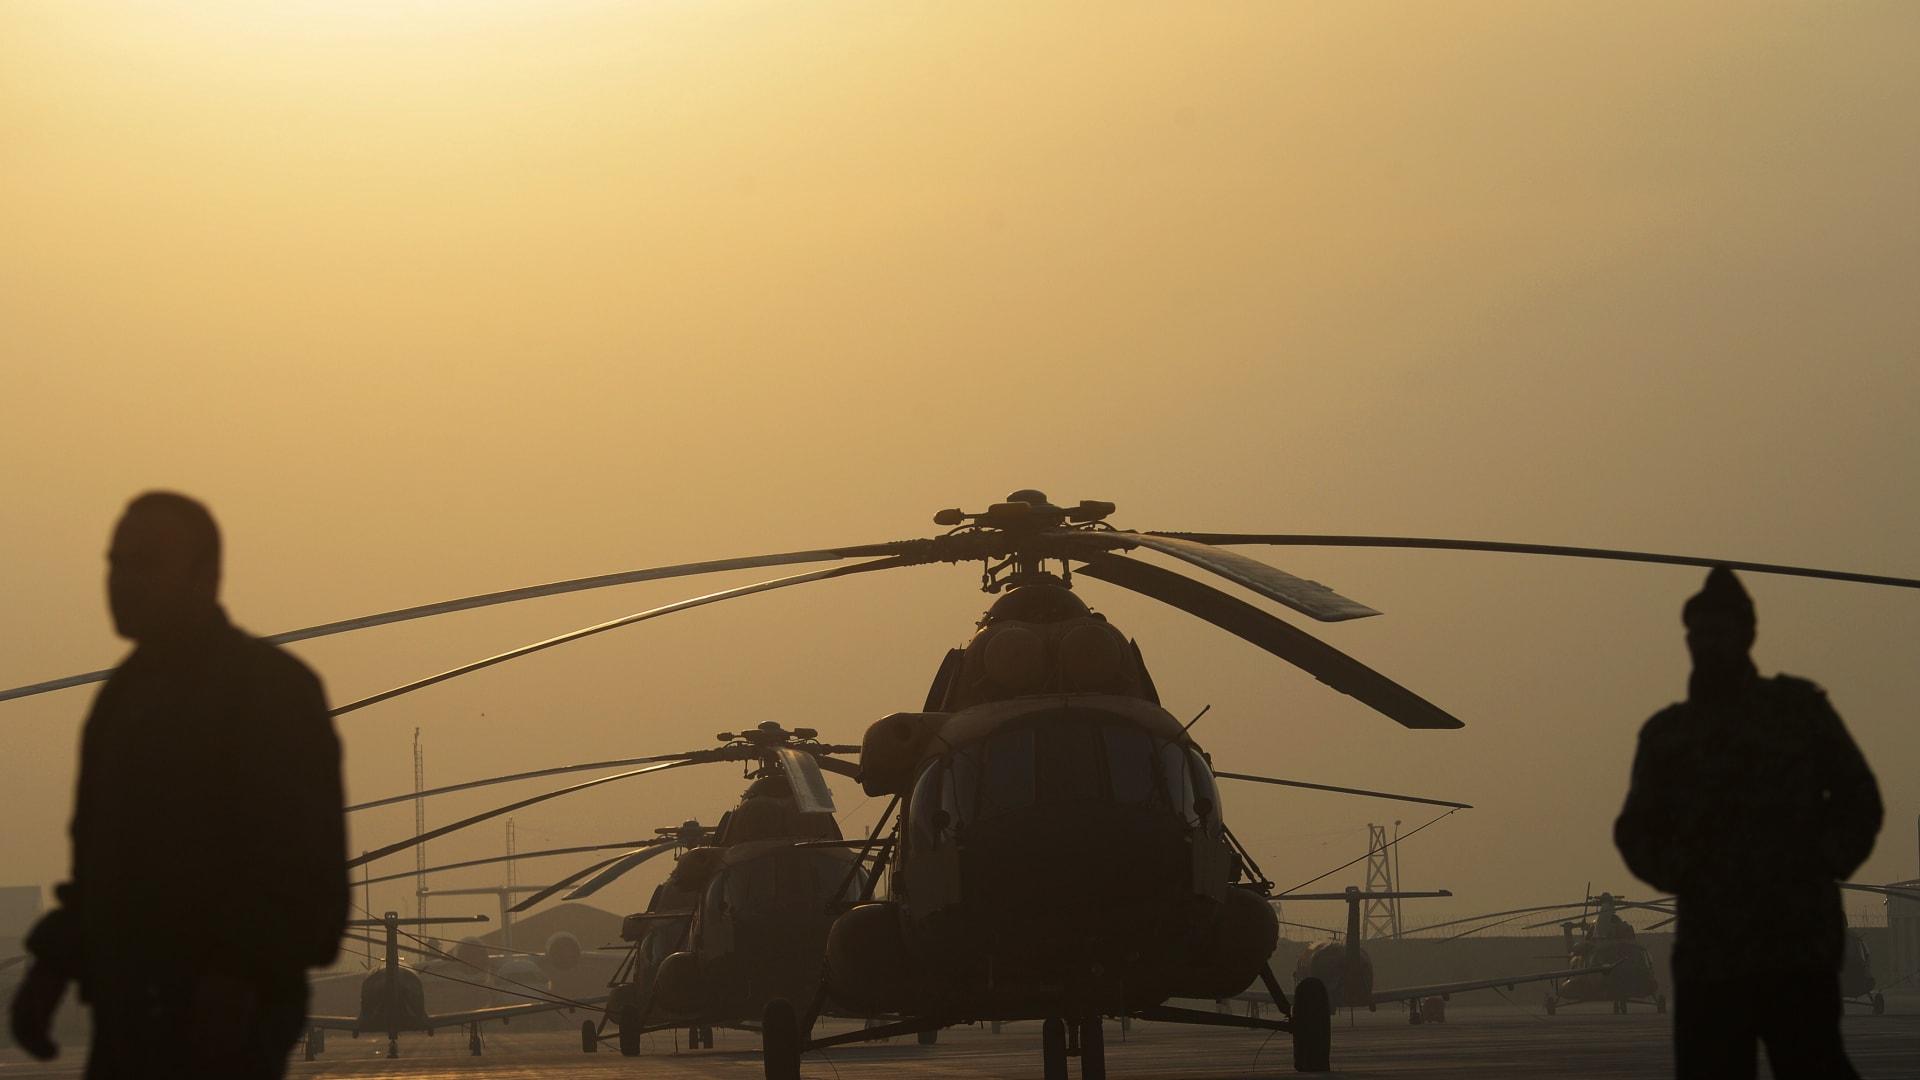 جنود من الجيش الوطني الأفغاني يسيرون بالقرب من طائرات هليكوبتر في مطار كابول الدولي في 24 فبراير 2014.